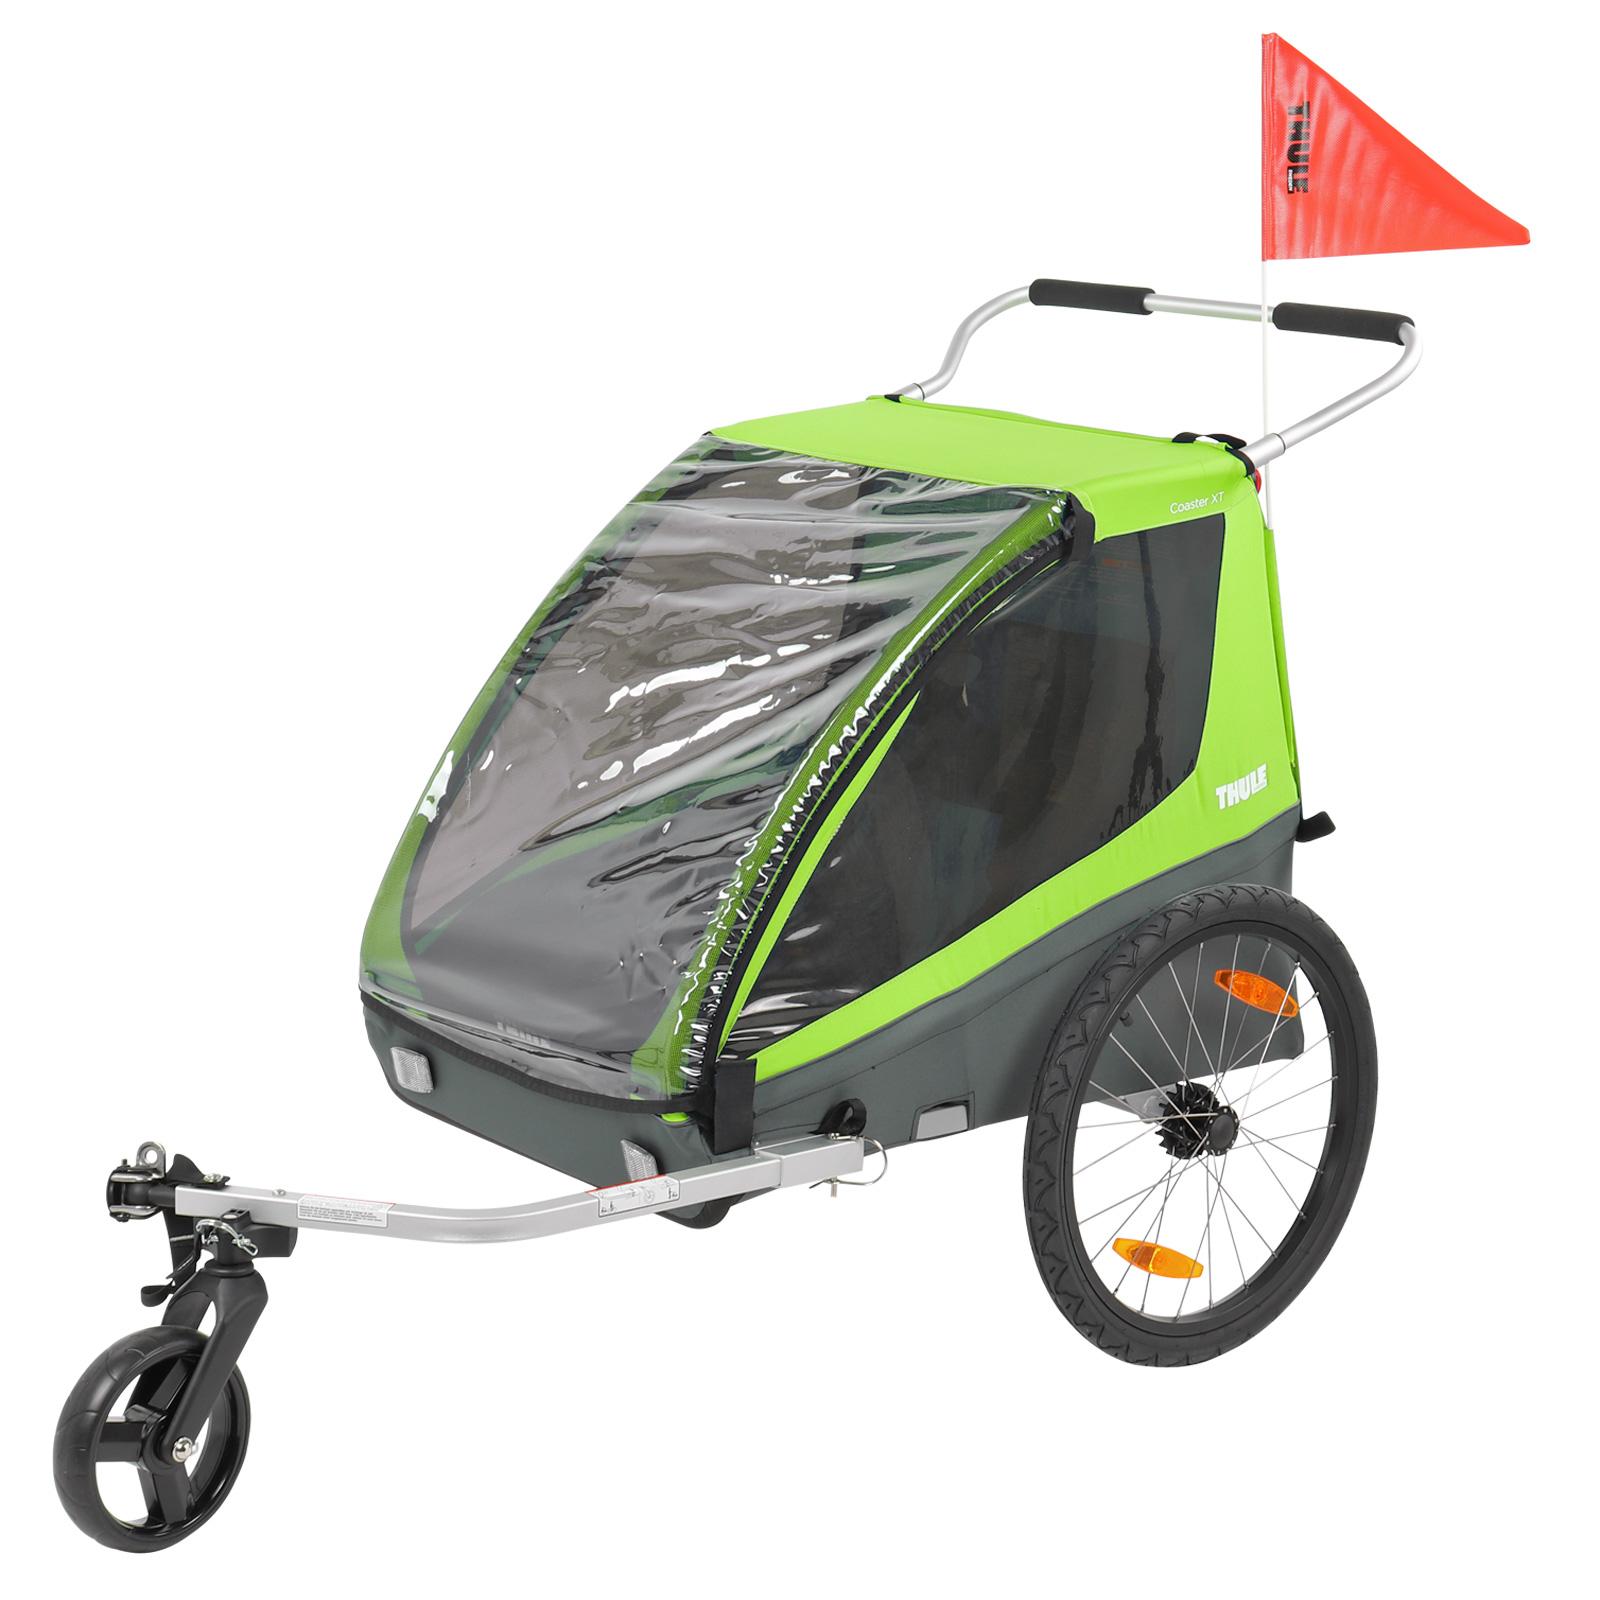 Thule Coaster XT Fahrrad Anhänger, Buggy, Grün , Zweisitzer, 45 Kg Zuladung